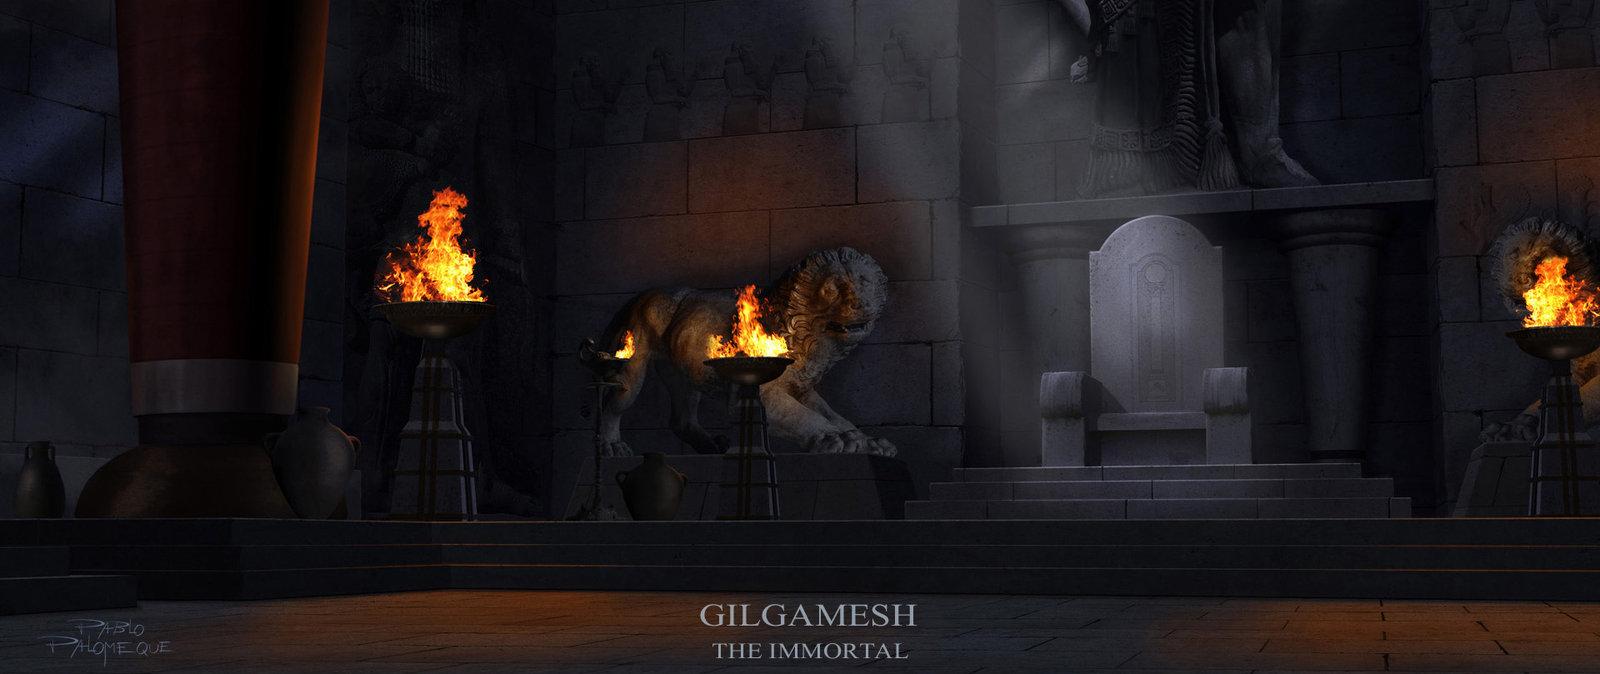 Gilgamesh_4